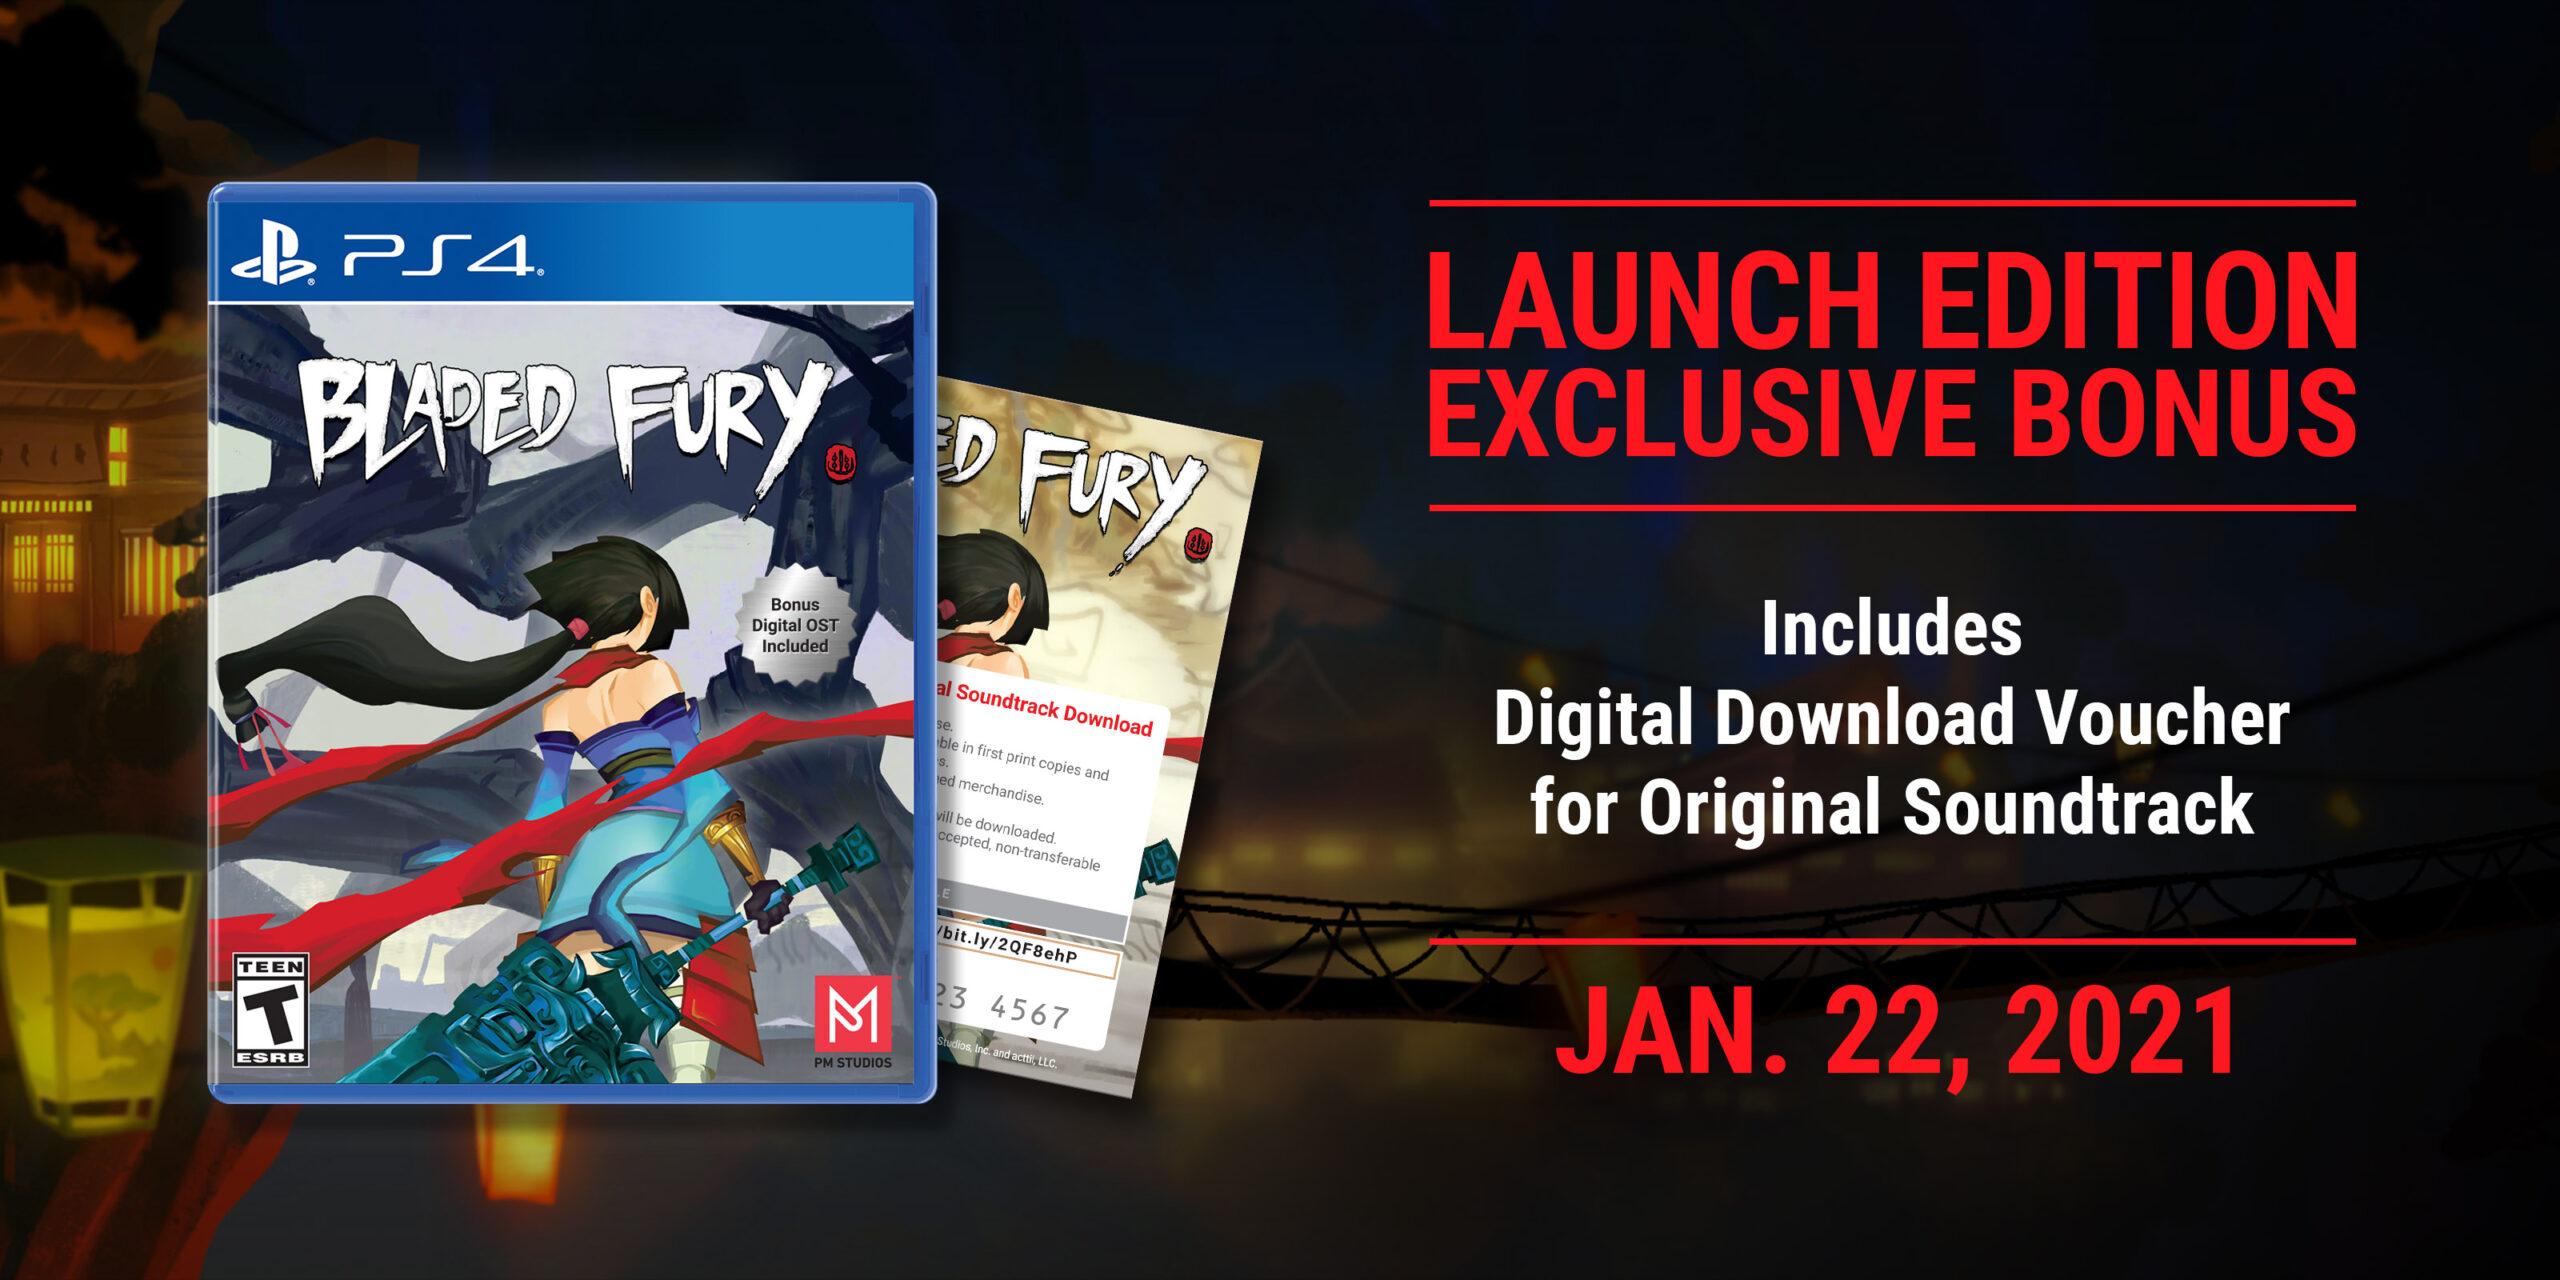 Релиз игры Bladed Fury состоится в январе 2021 года на PS4, Xbox One и Switch